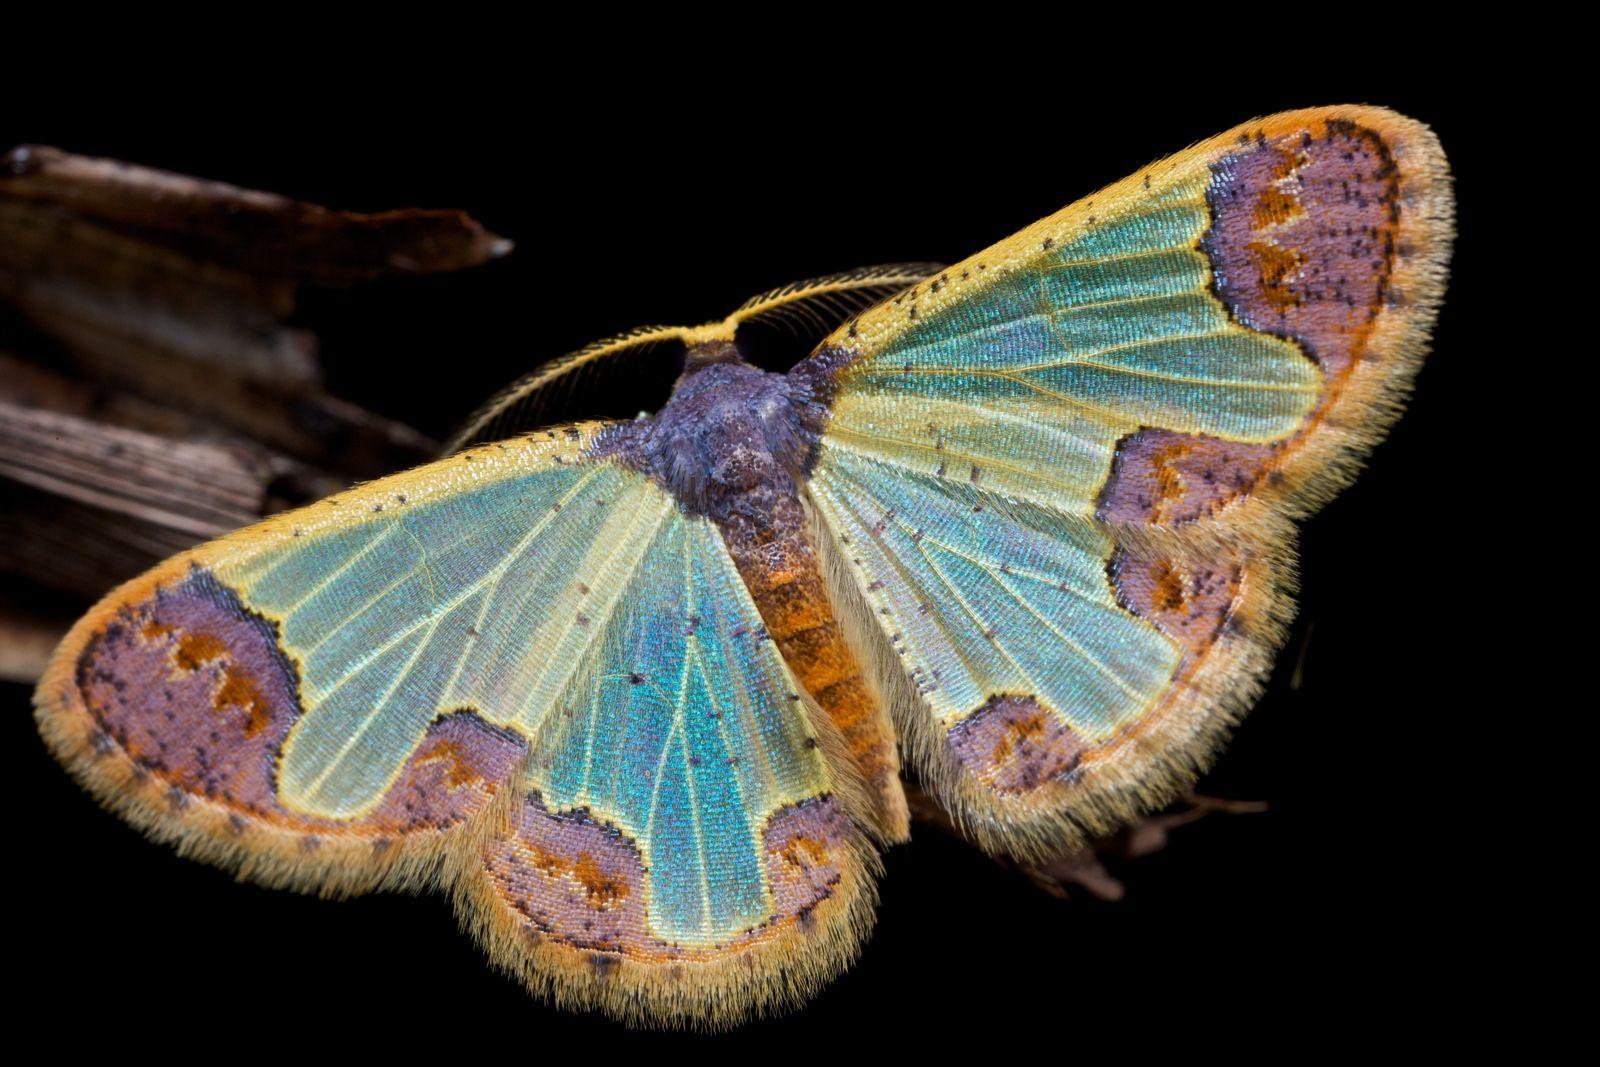 Geometrid Moth Zamarada Sp Kelebekler Bocek Kanatlar